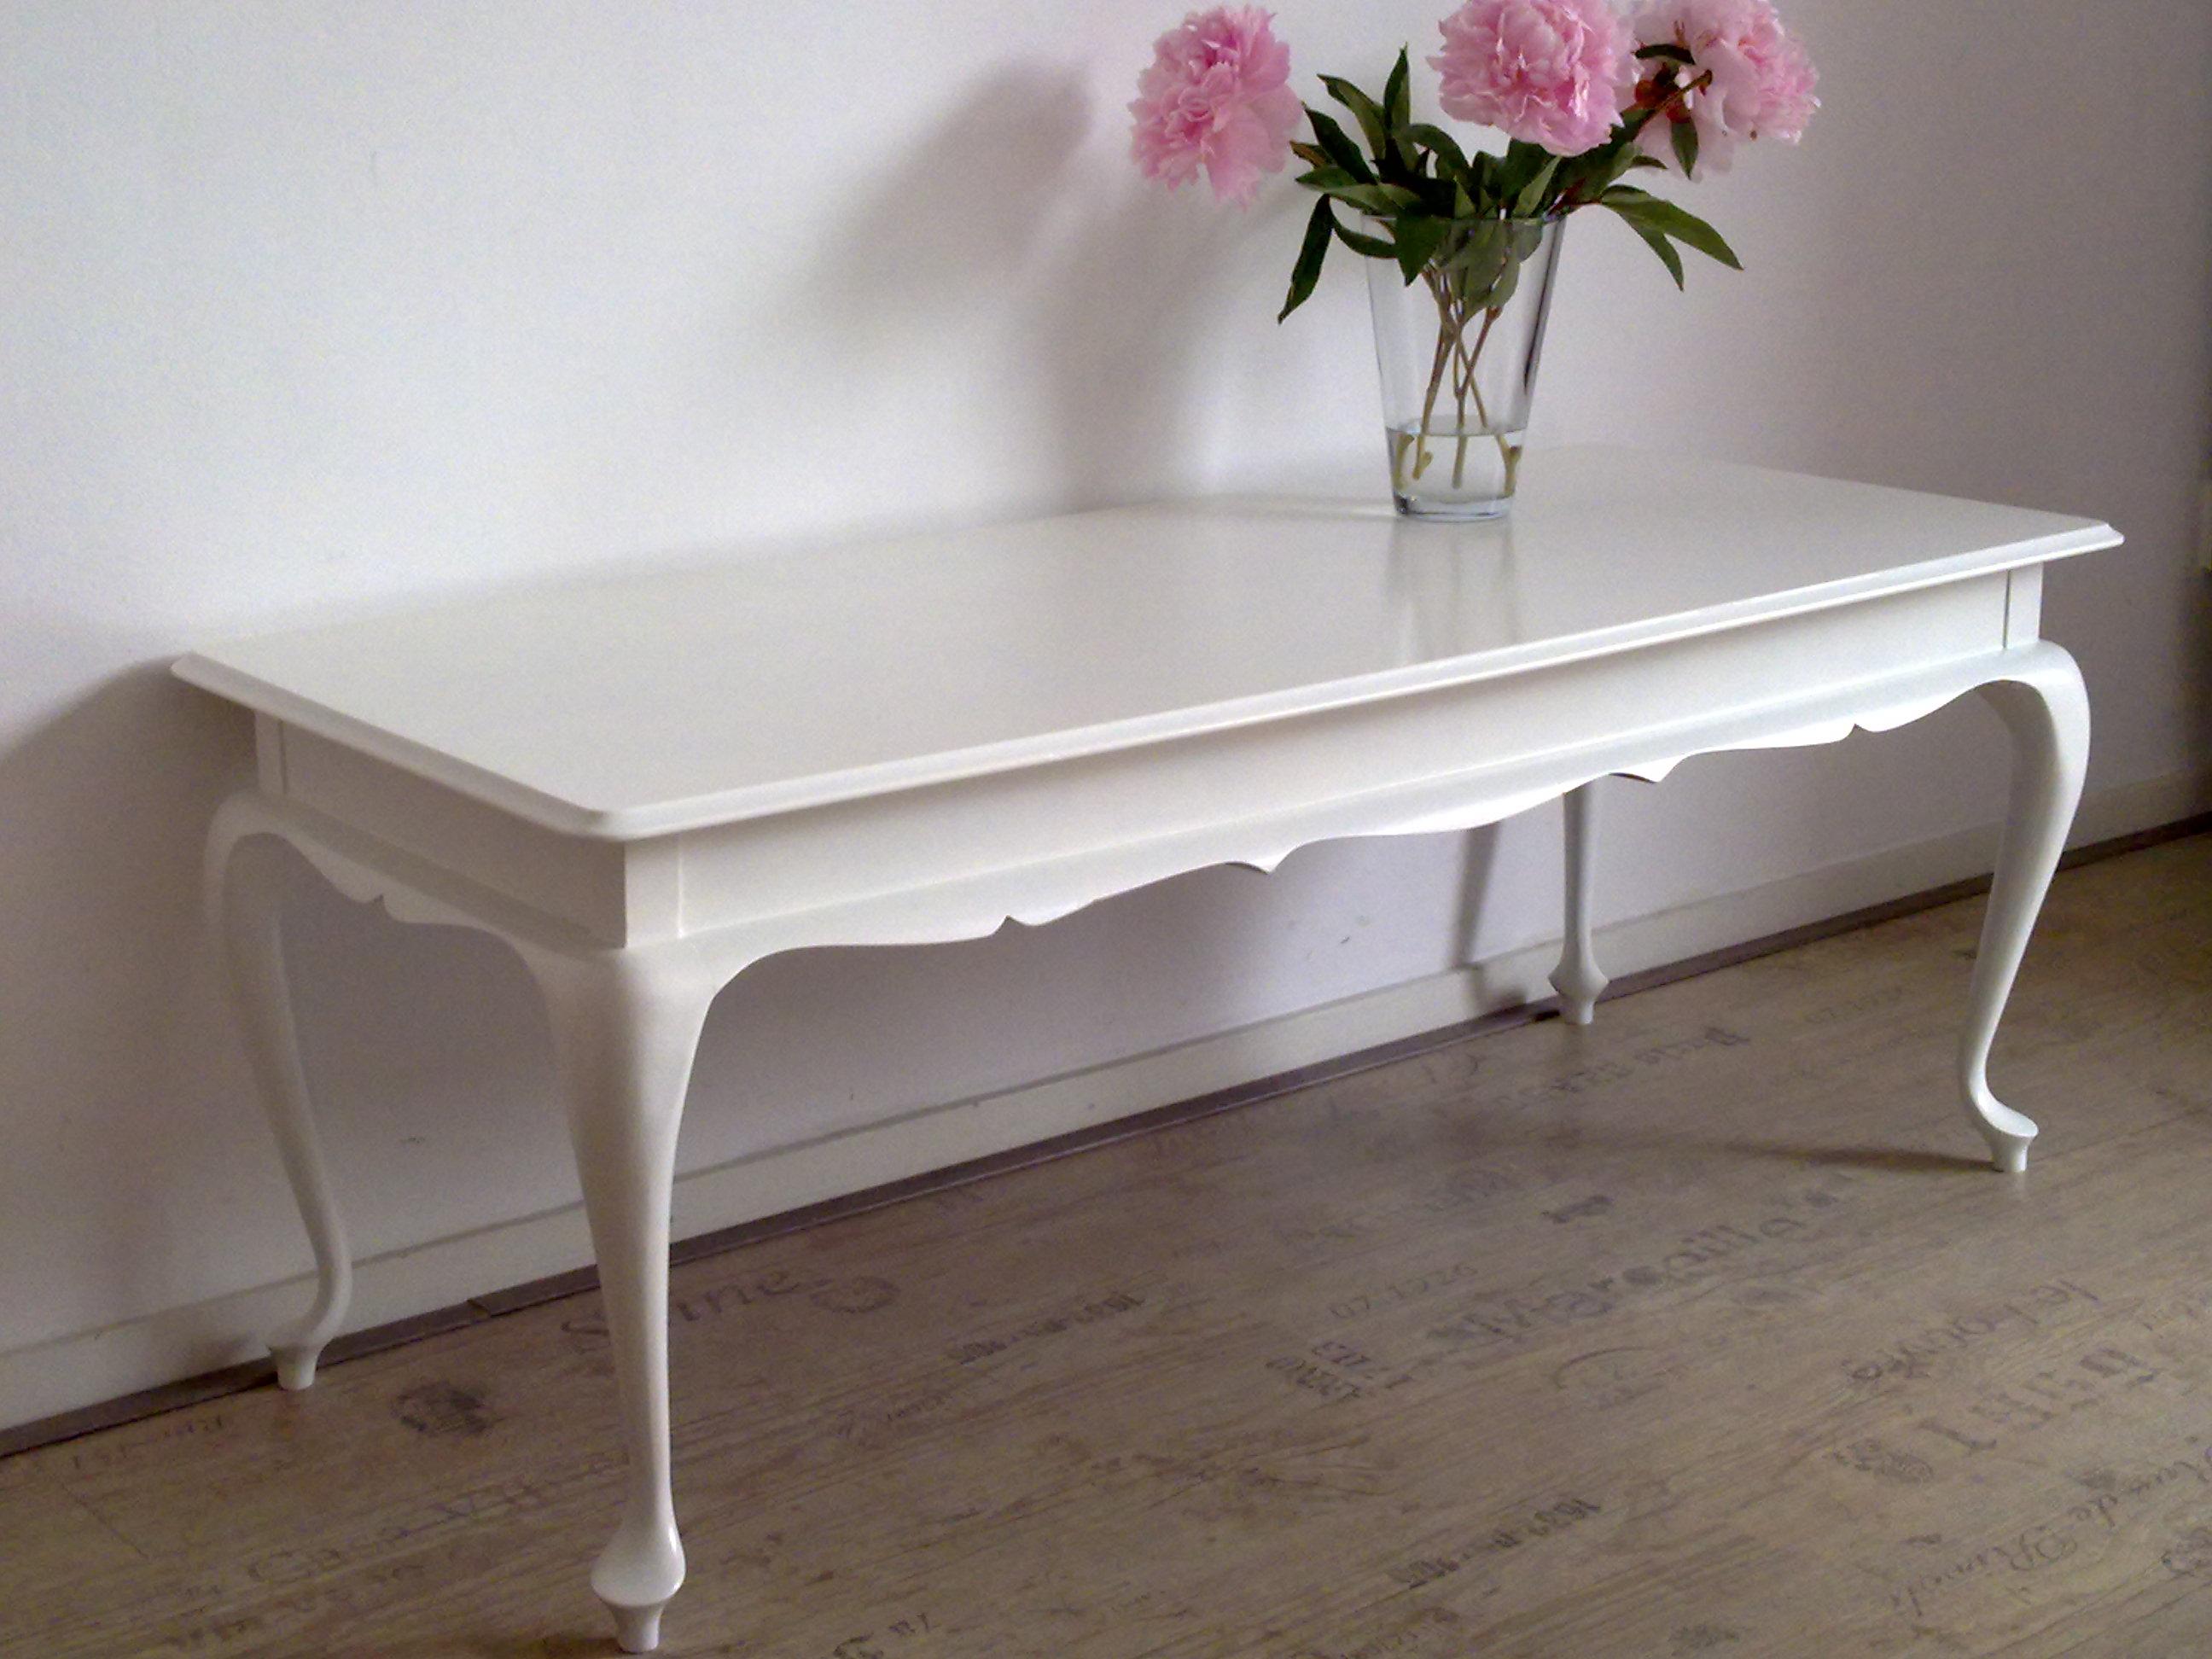 Fonkelnieuw witte queen ann barok salontafel - Te Design Barok stoelen en IN-95